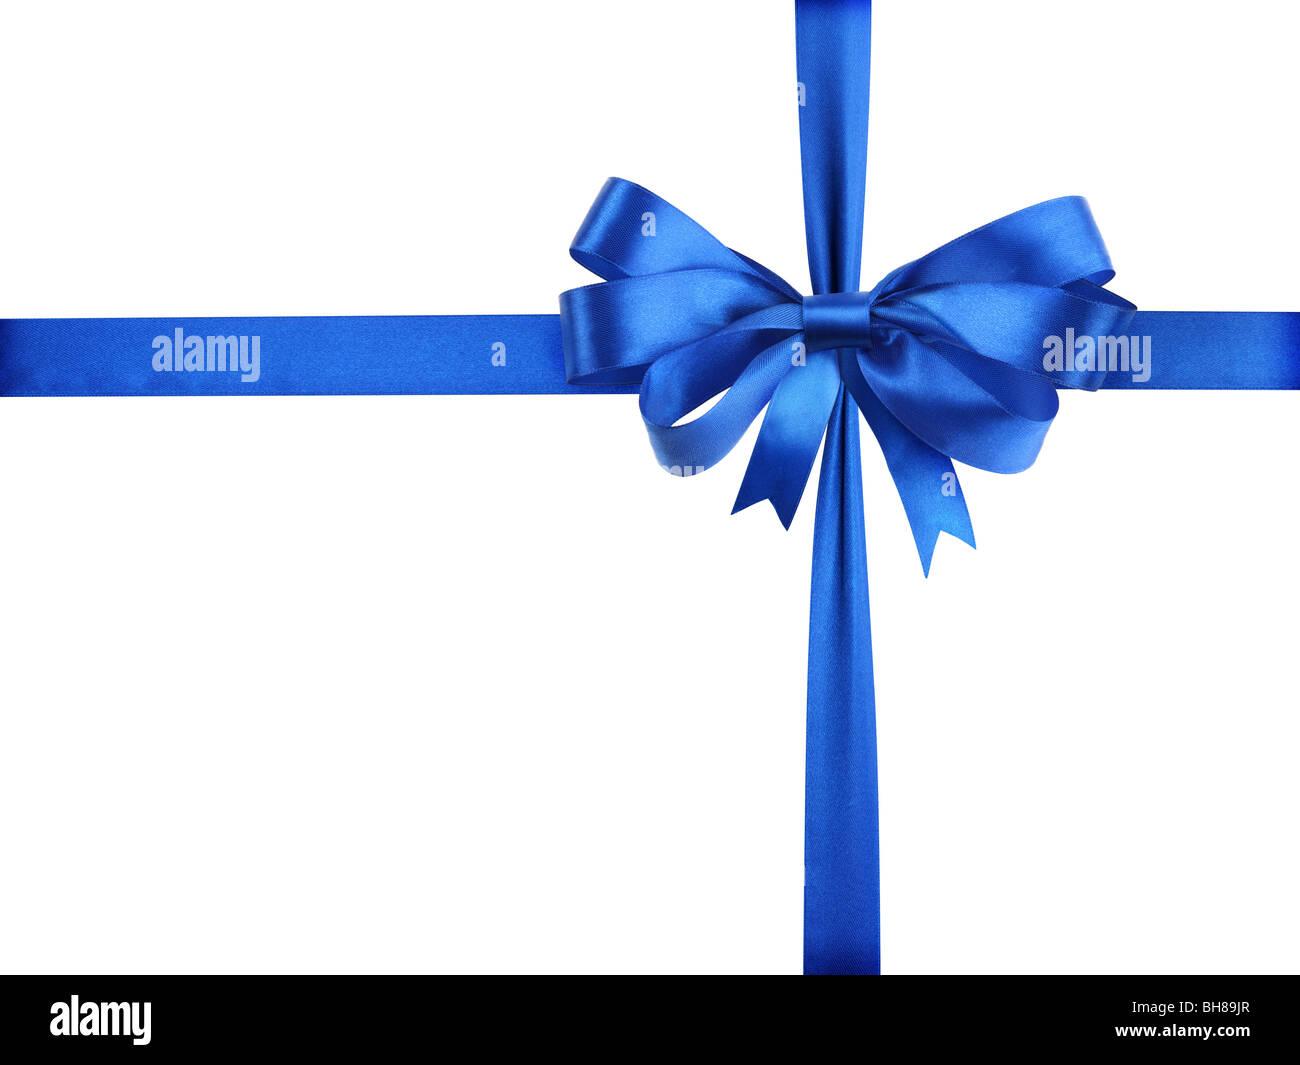 Ruban bleu avec un arc comme un cadeau sur un fond blanc Photo Stock